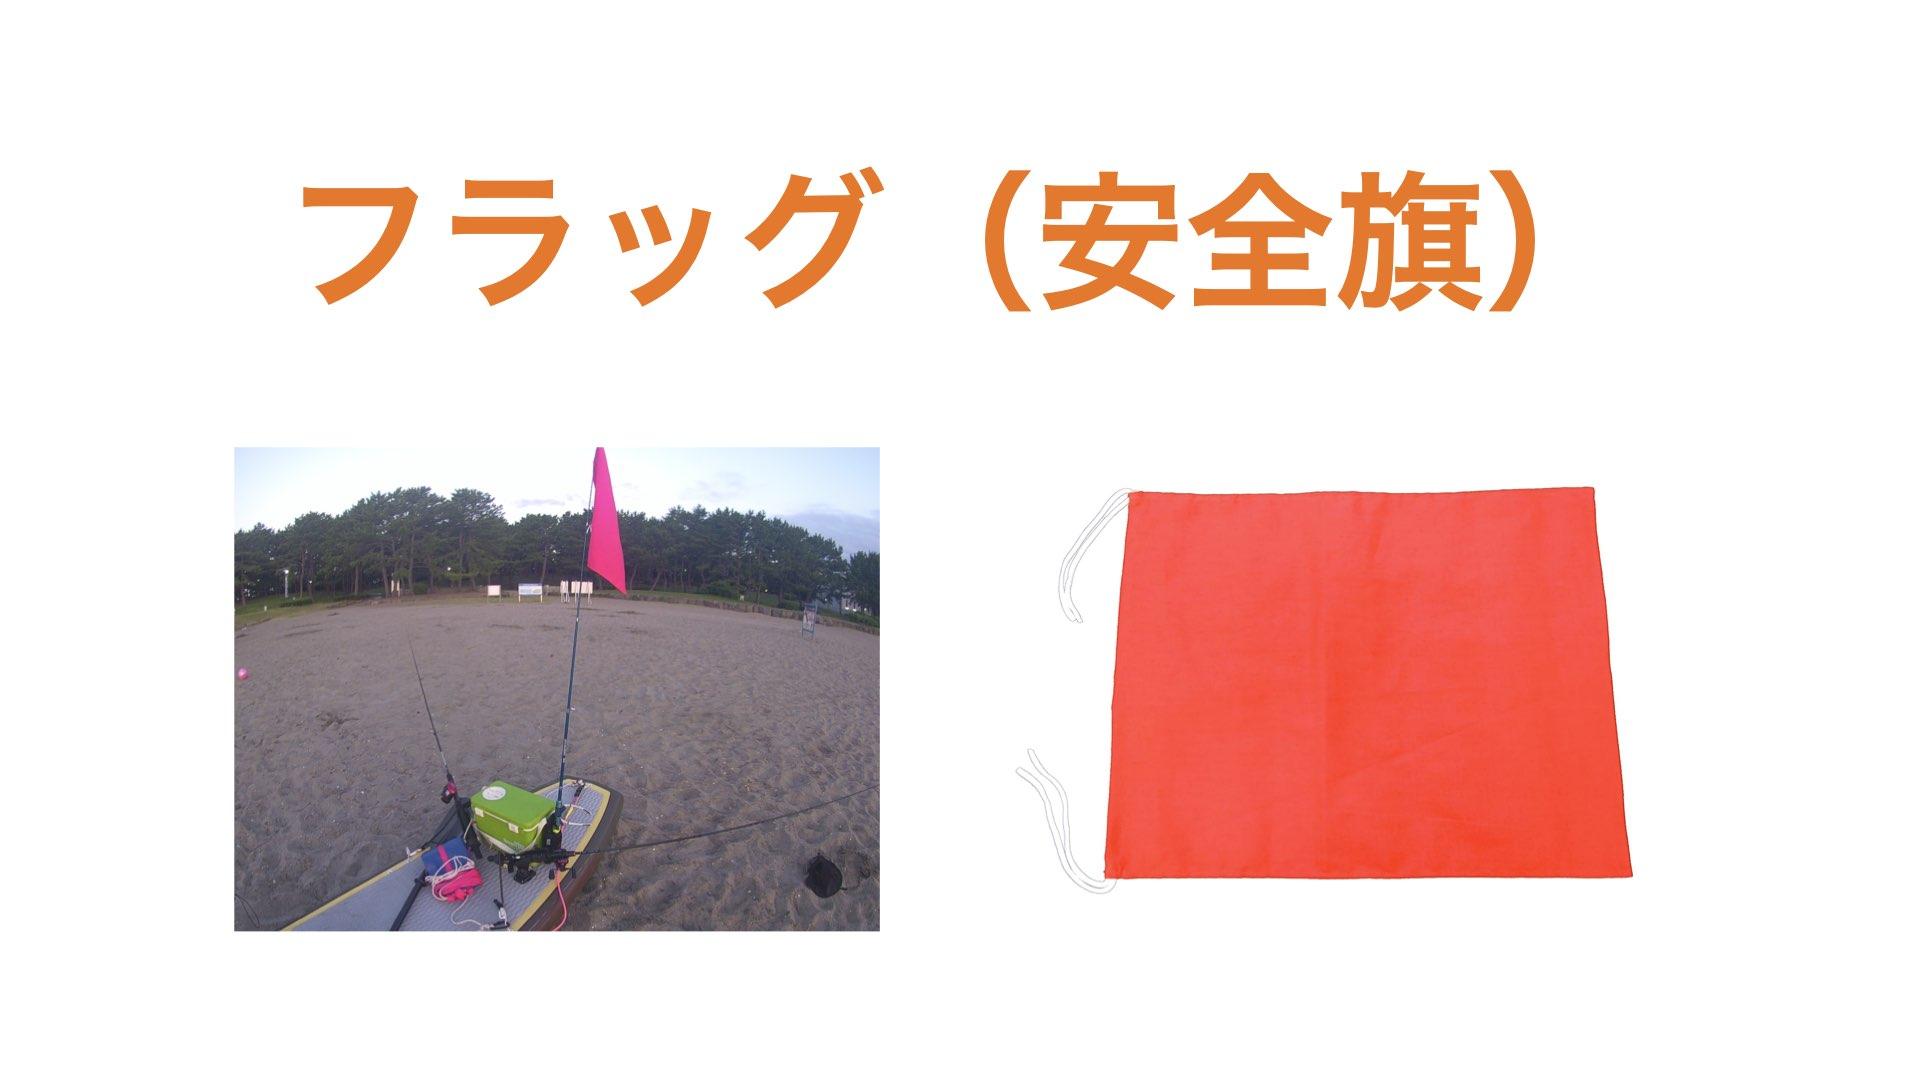 フラッグ(安全旗)